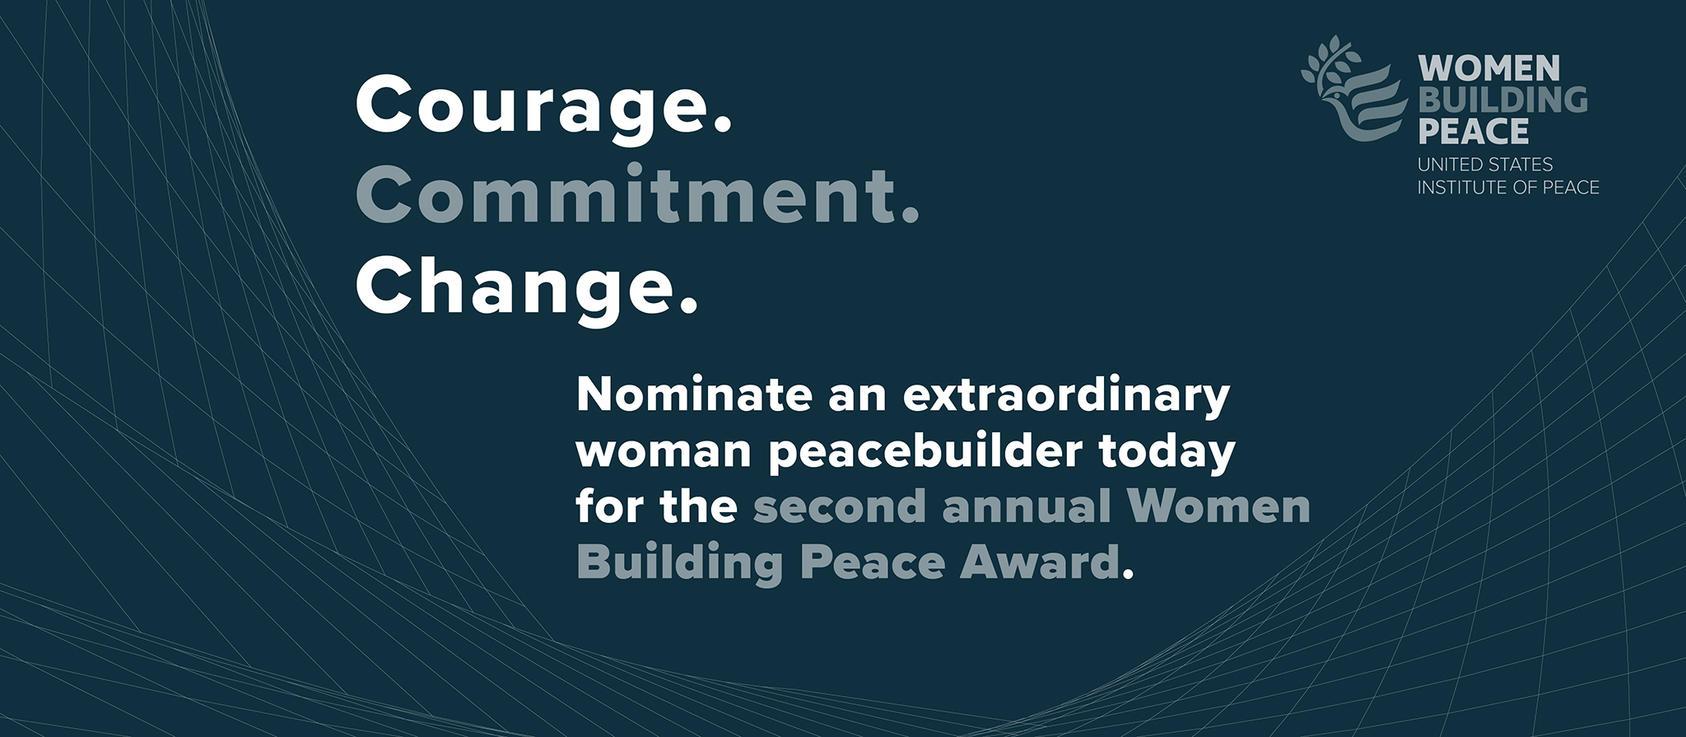 Le U.S. Institute of Peace ouvre les candidatures pour l'édition 2021 du Women Building Peace Award